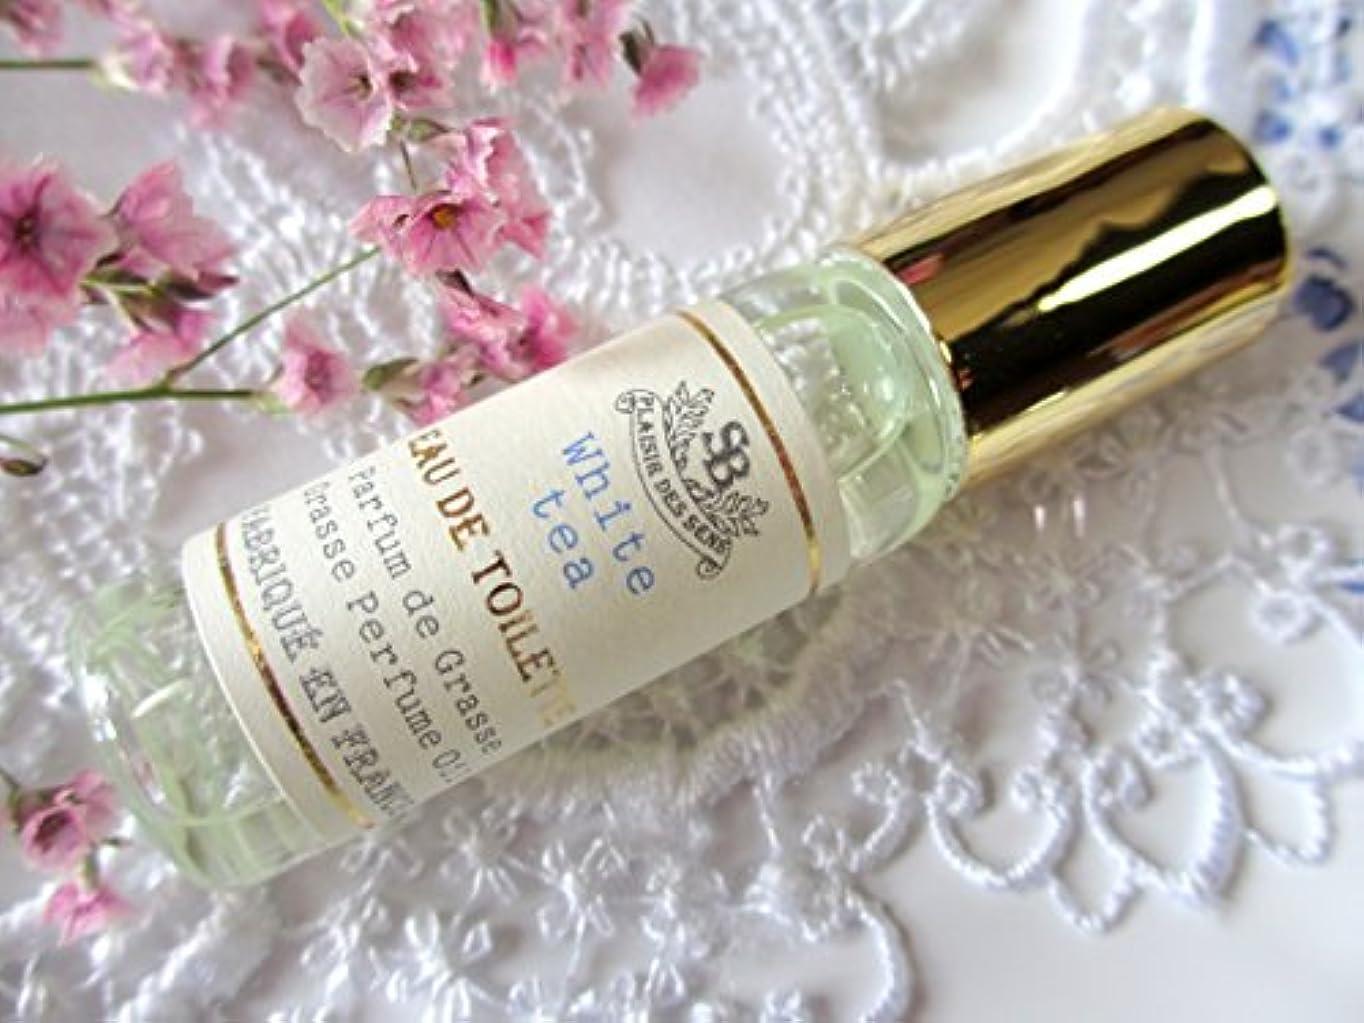 アルコール王子件名Senteur et Beaute(サンタールエボーテ) フレンチクラシックシリーズ プティトワレ ホワイトティー  ロールオン